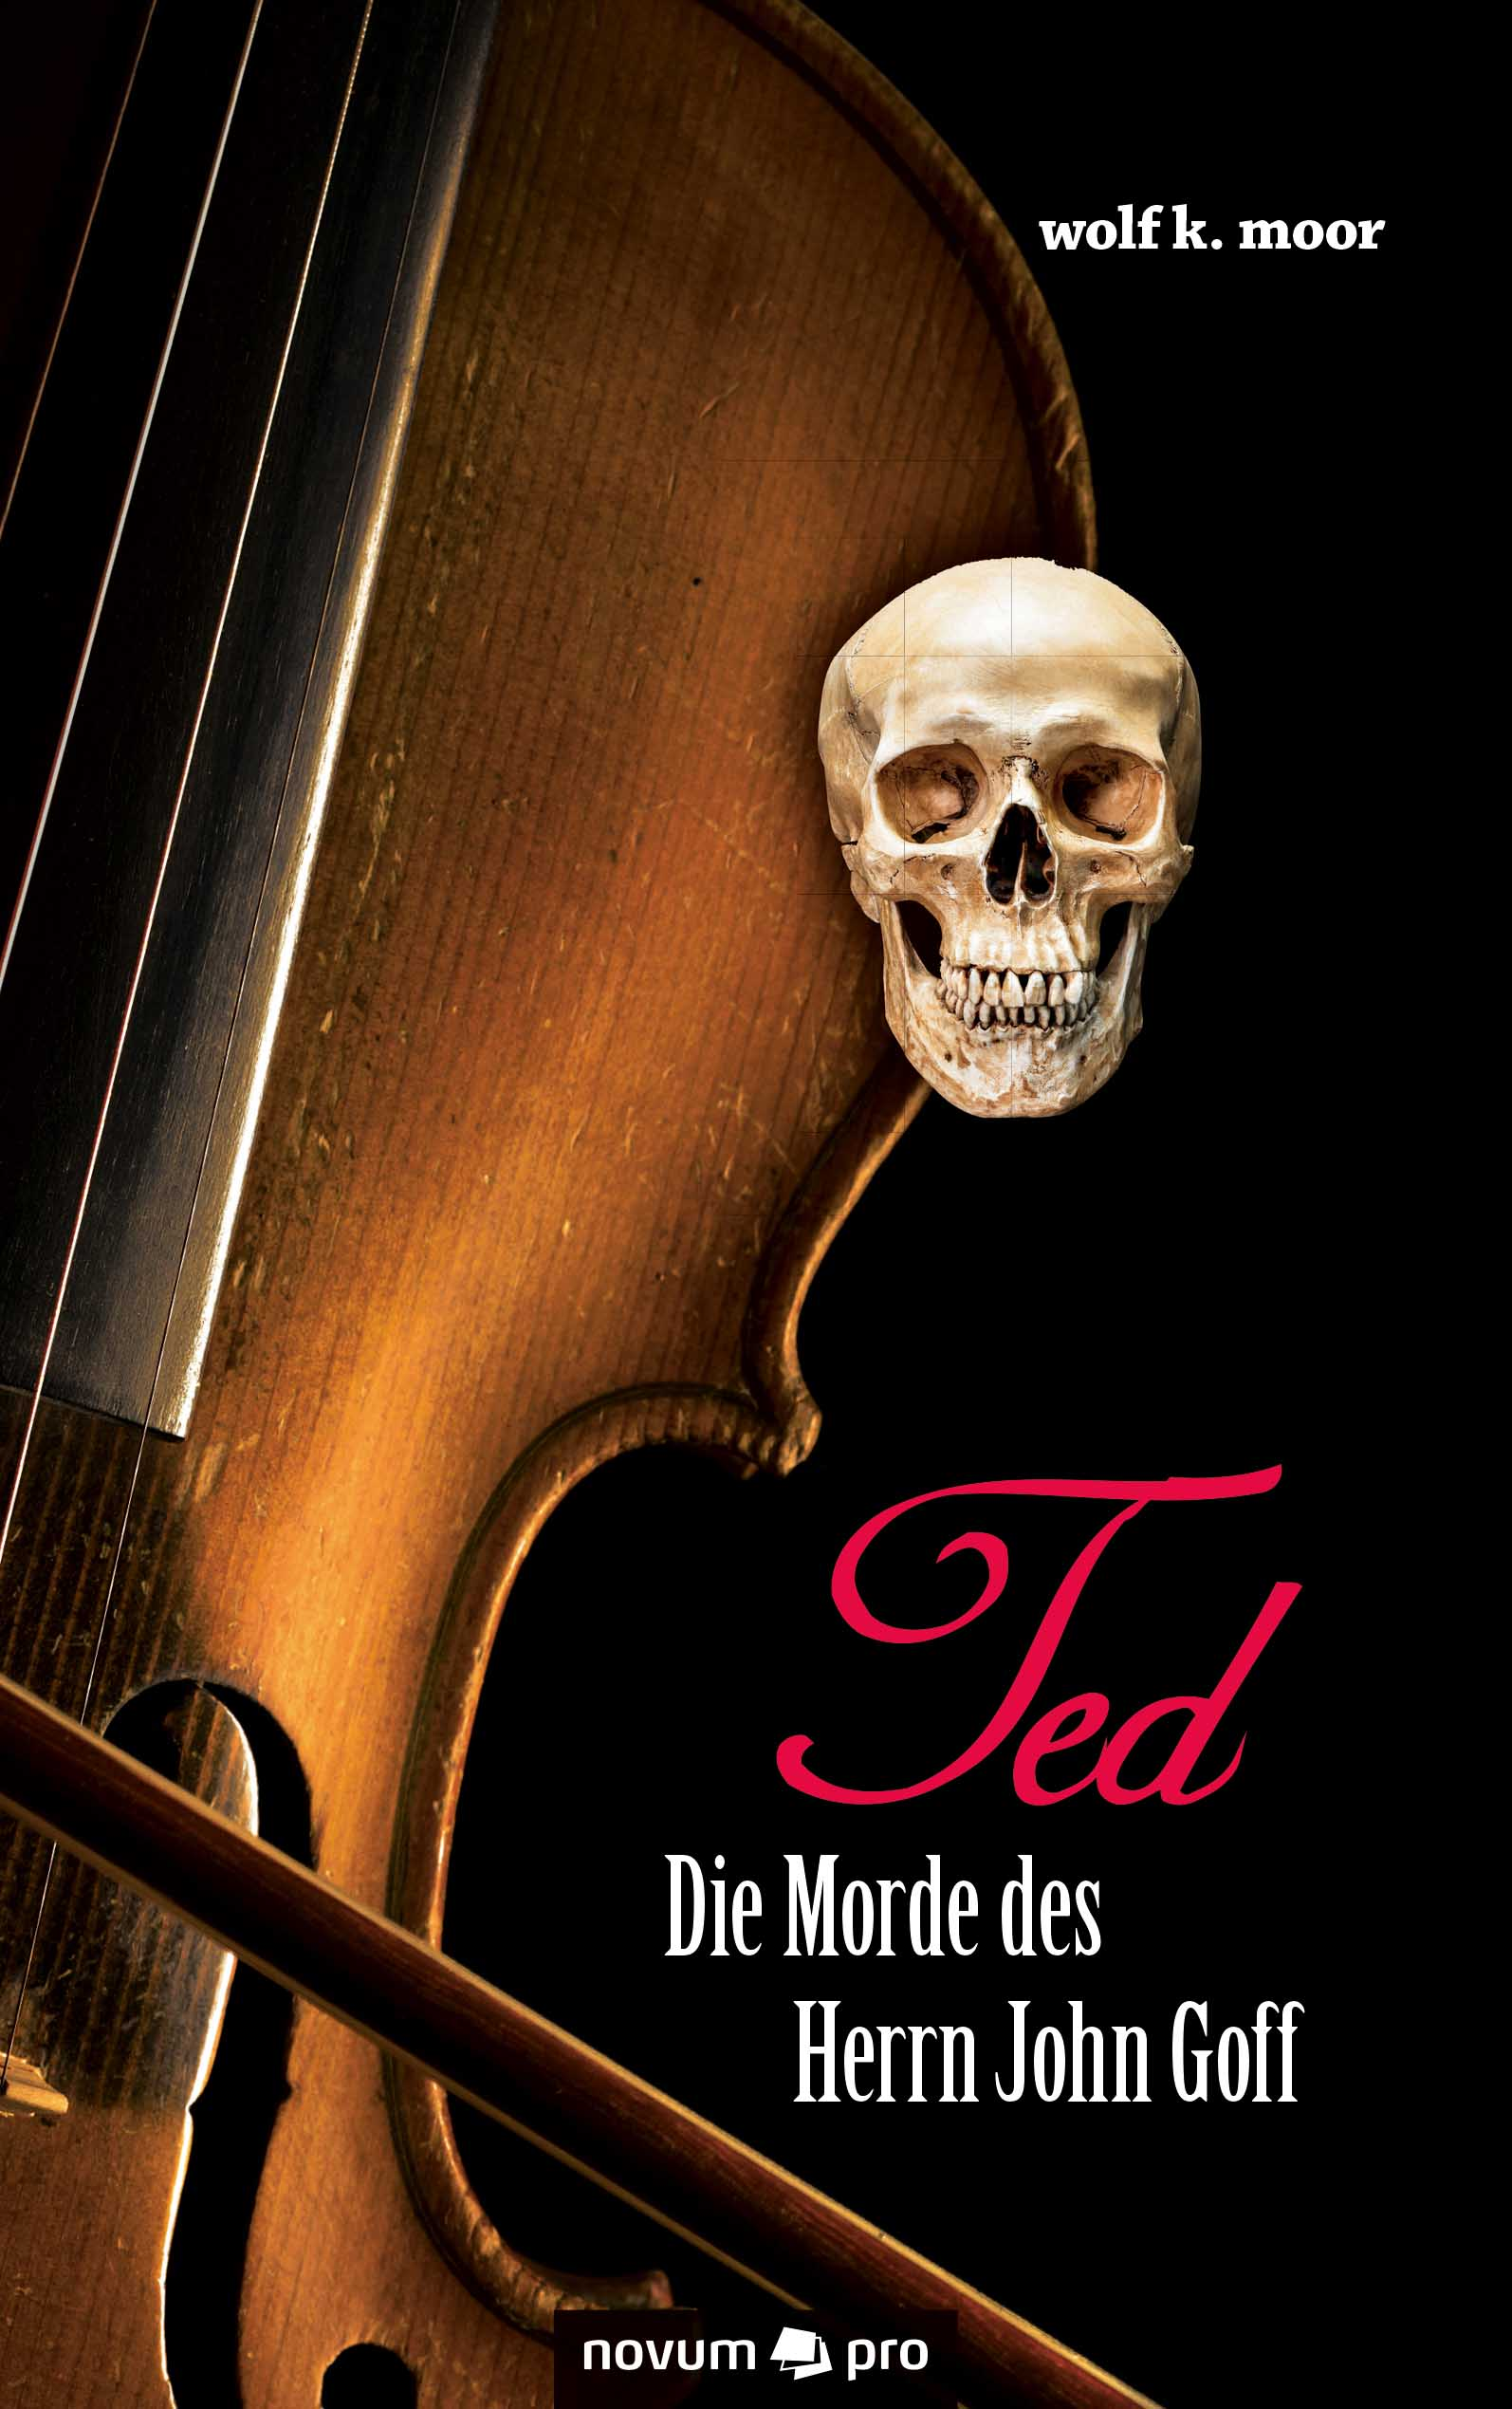 wolf k. moor TED - Die Morde des Herrn John Goff